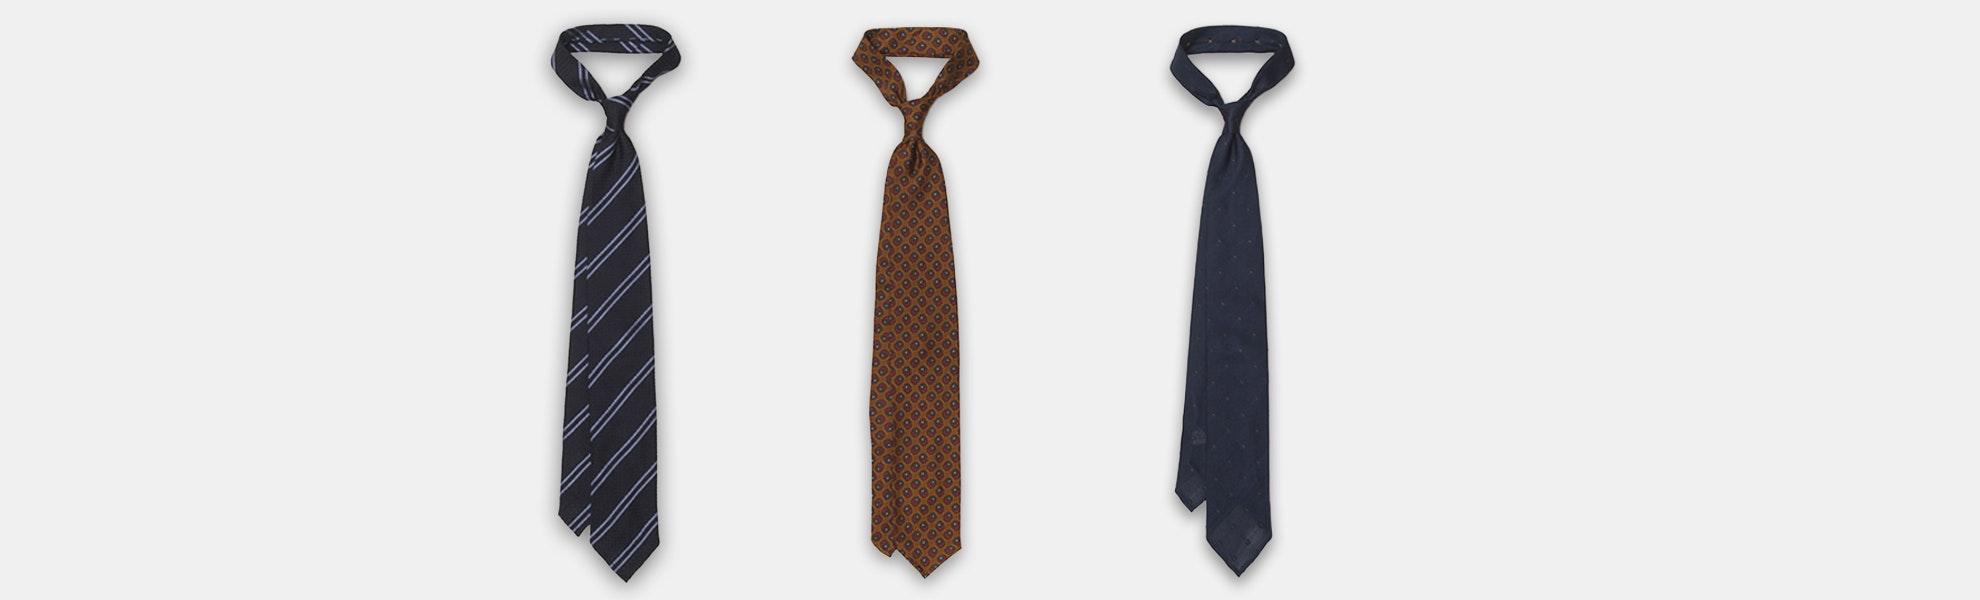 Monsieur Fox Ties